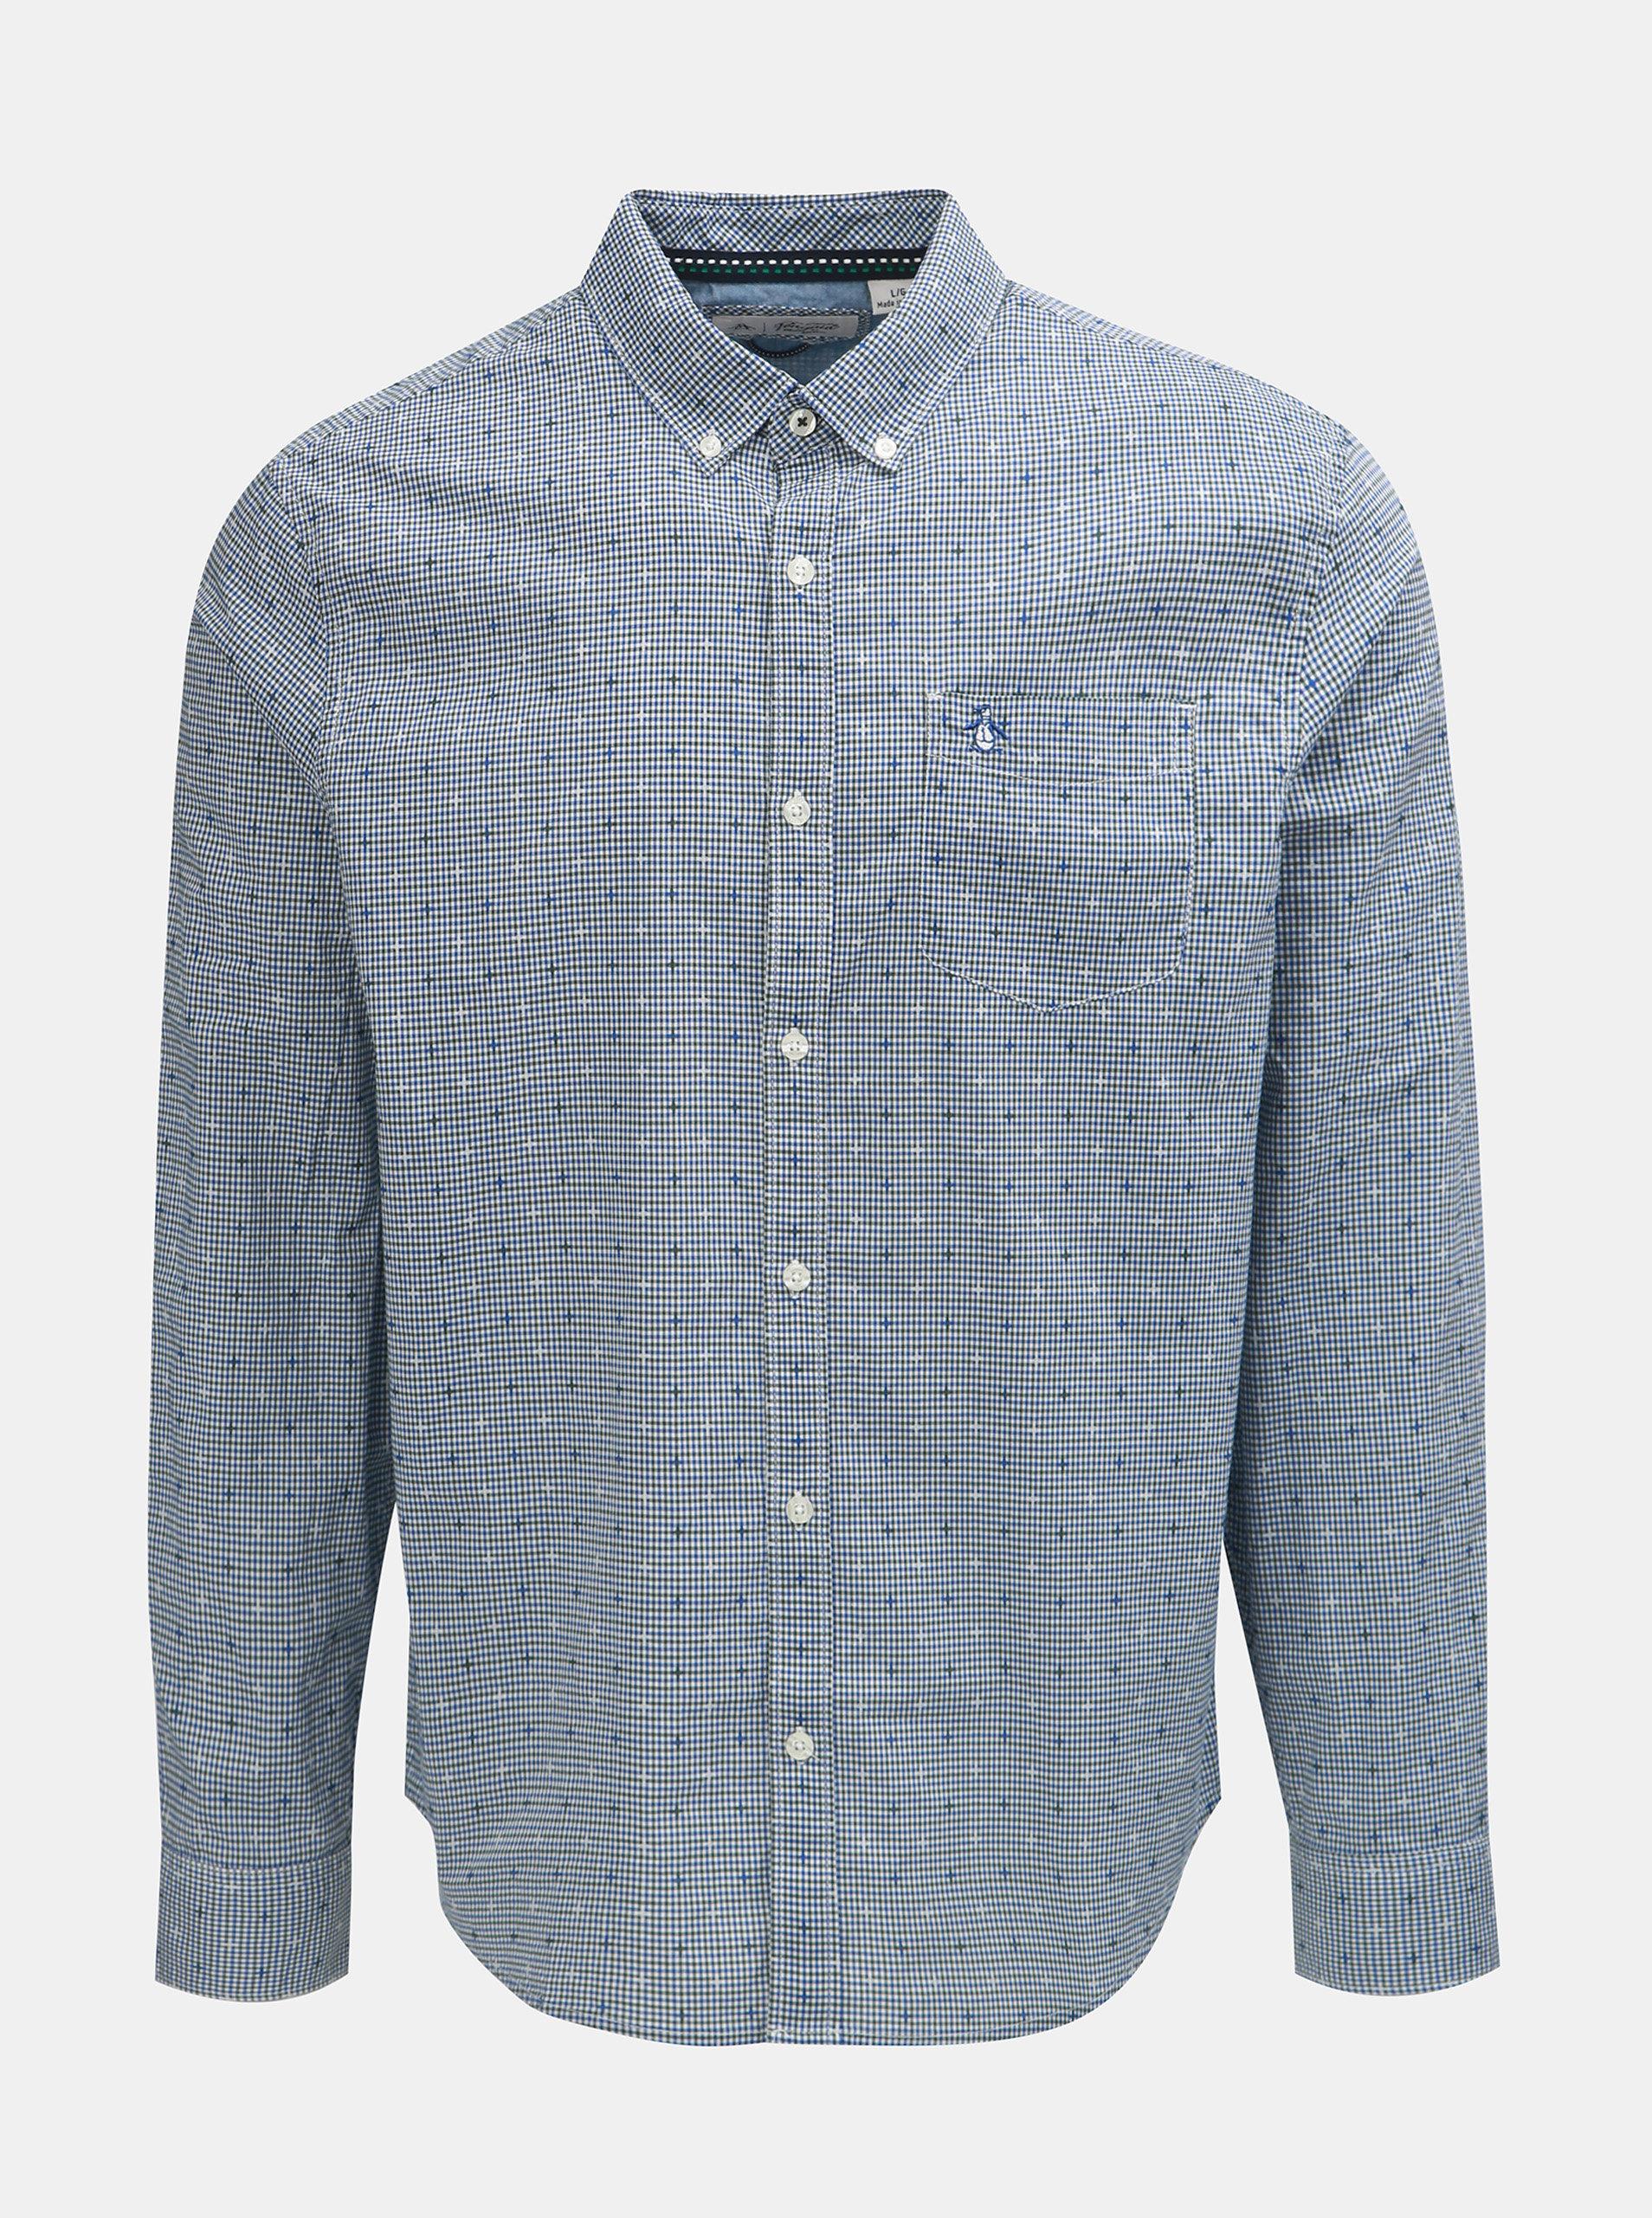 Modrá kostkovaná košile s náprsní kapsou Original Penguin ... 1cae8abc1b